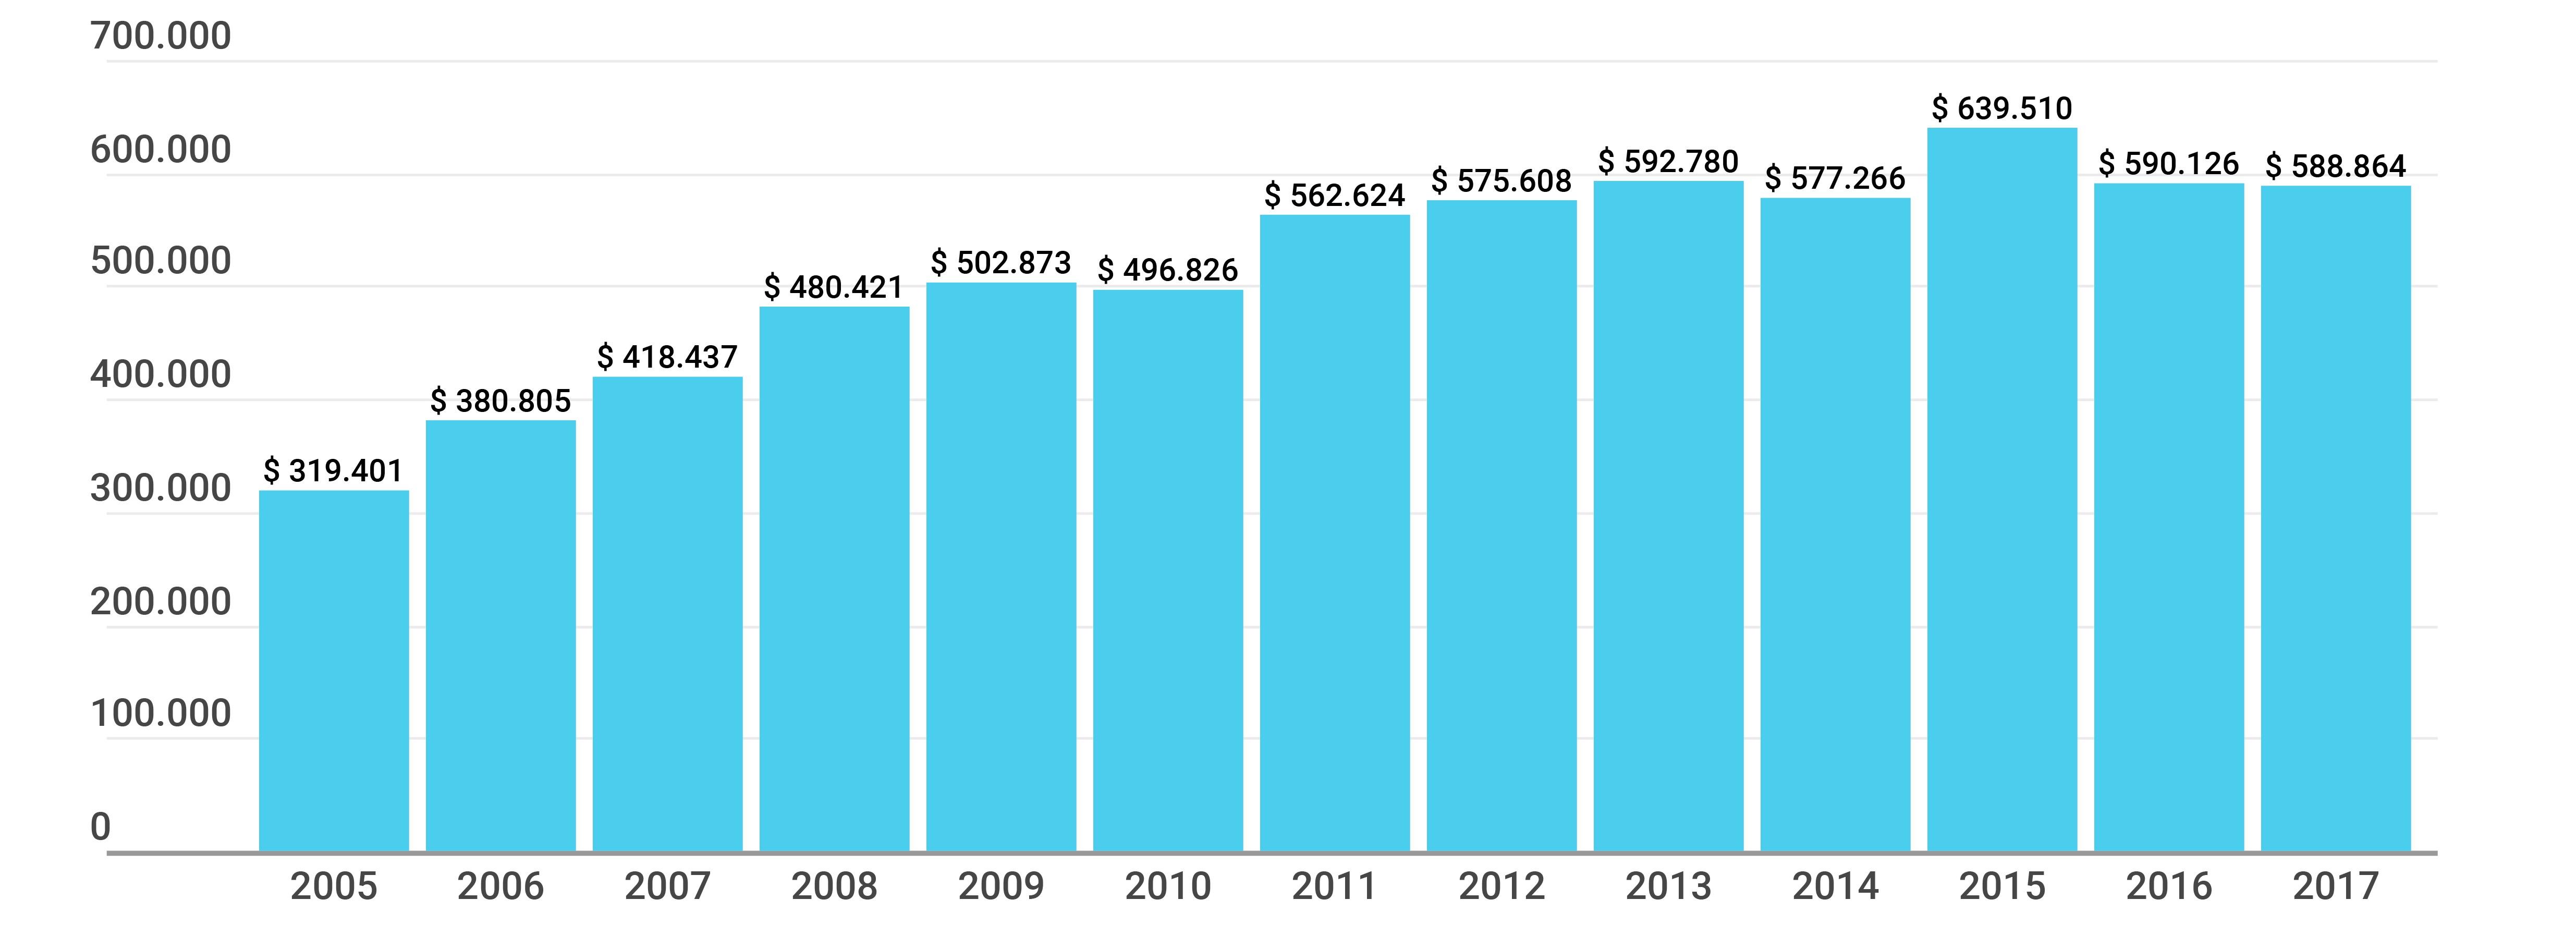 Gráfico sobre la Inversión educativa del total de las 23 provincias y la Ciudad Autónoma de Buenos Aires, en millones de pesos constantes de 2018 (2005-2017)